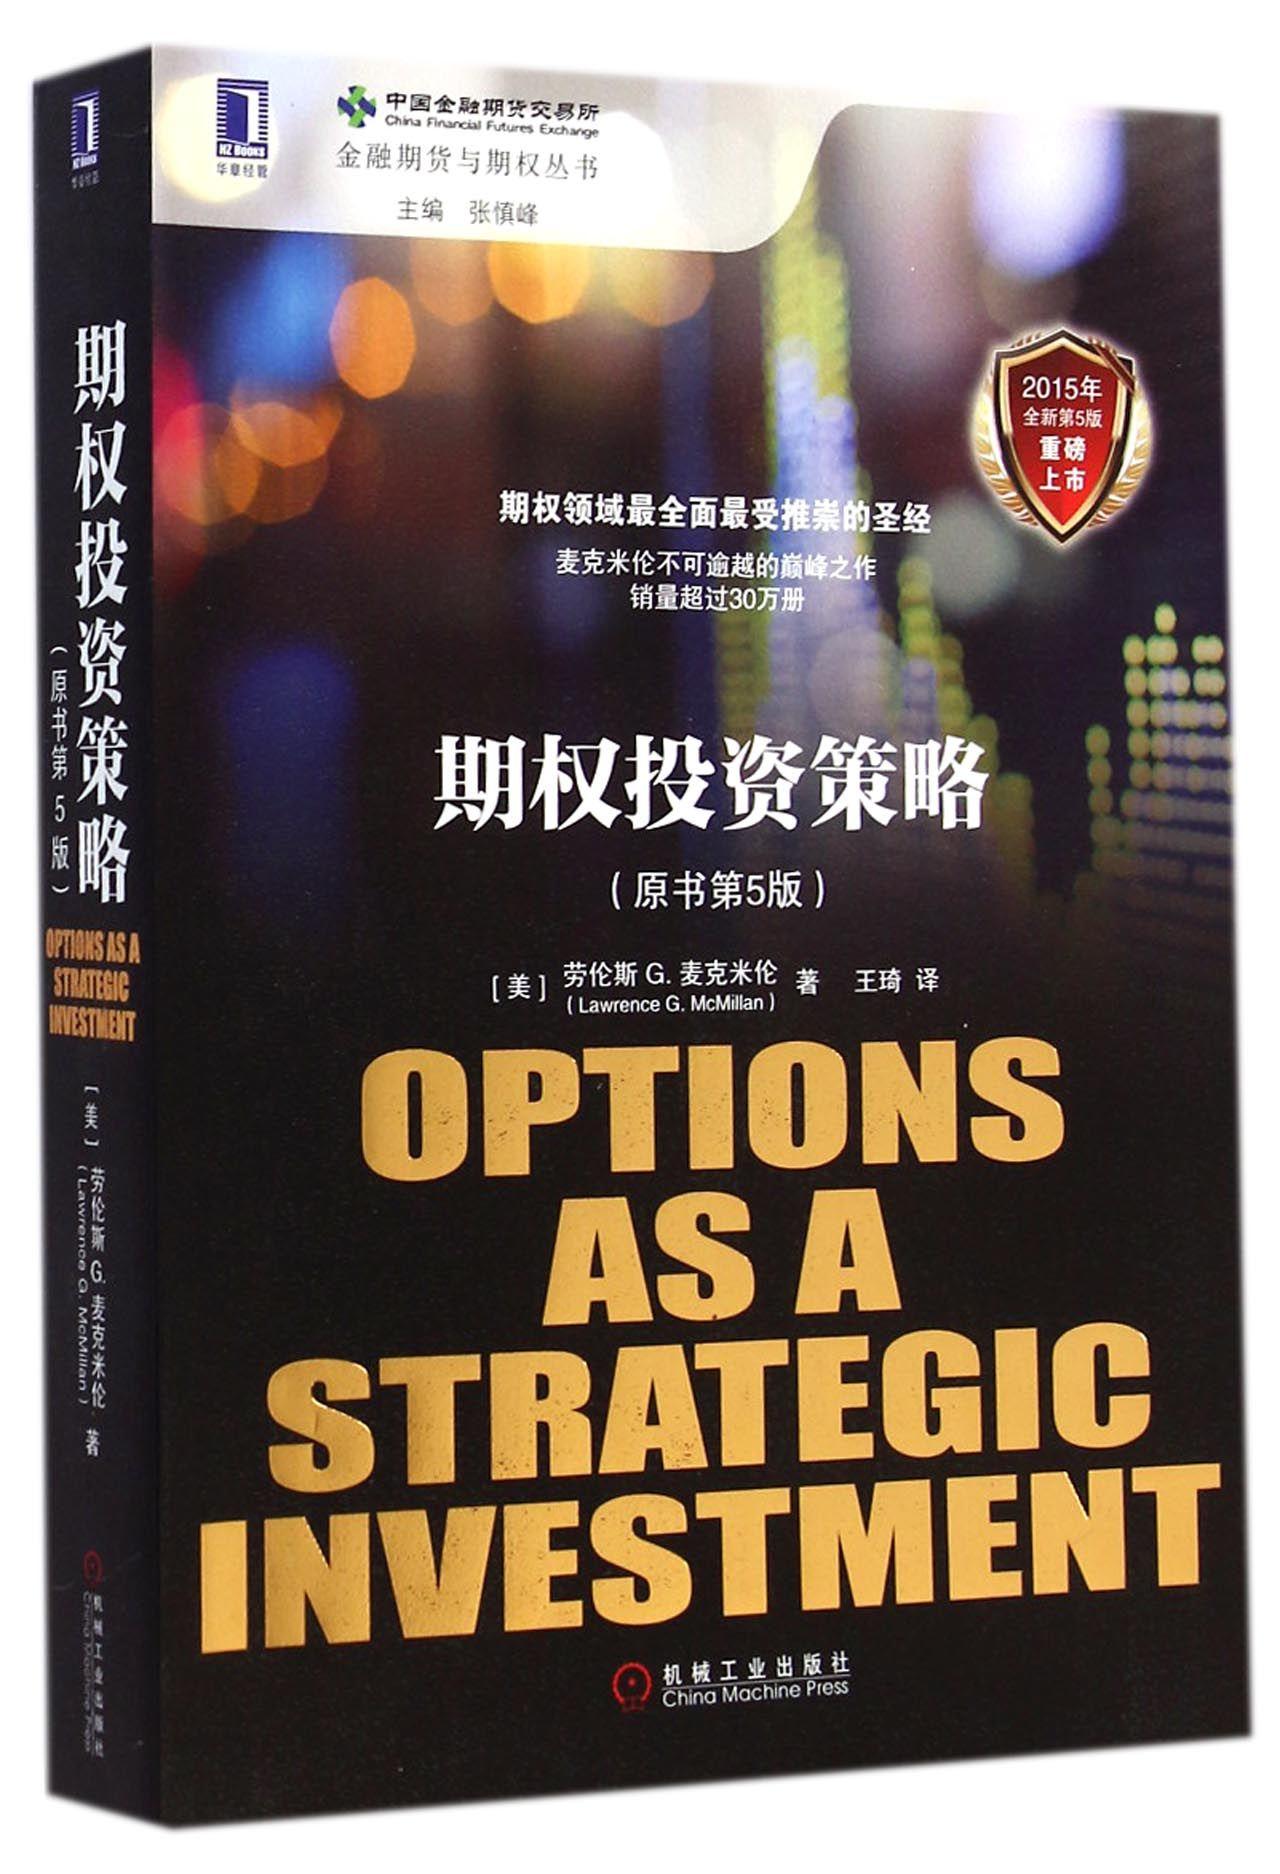 正版现货 期权投资策略(原书第5版) 股票期货金融投资理财策略参考读物书籍 畅销书籍